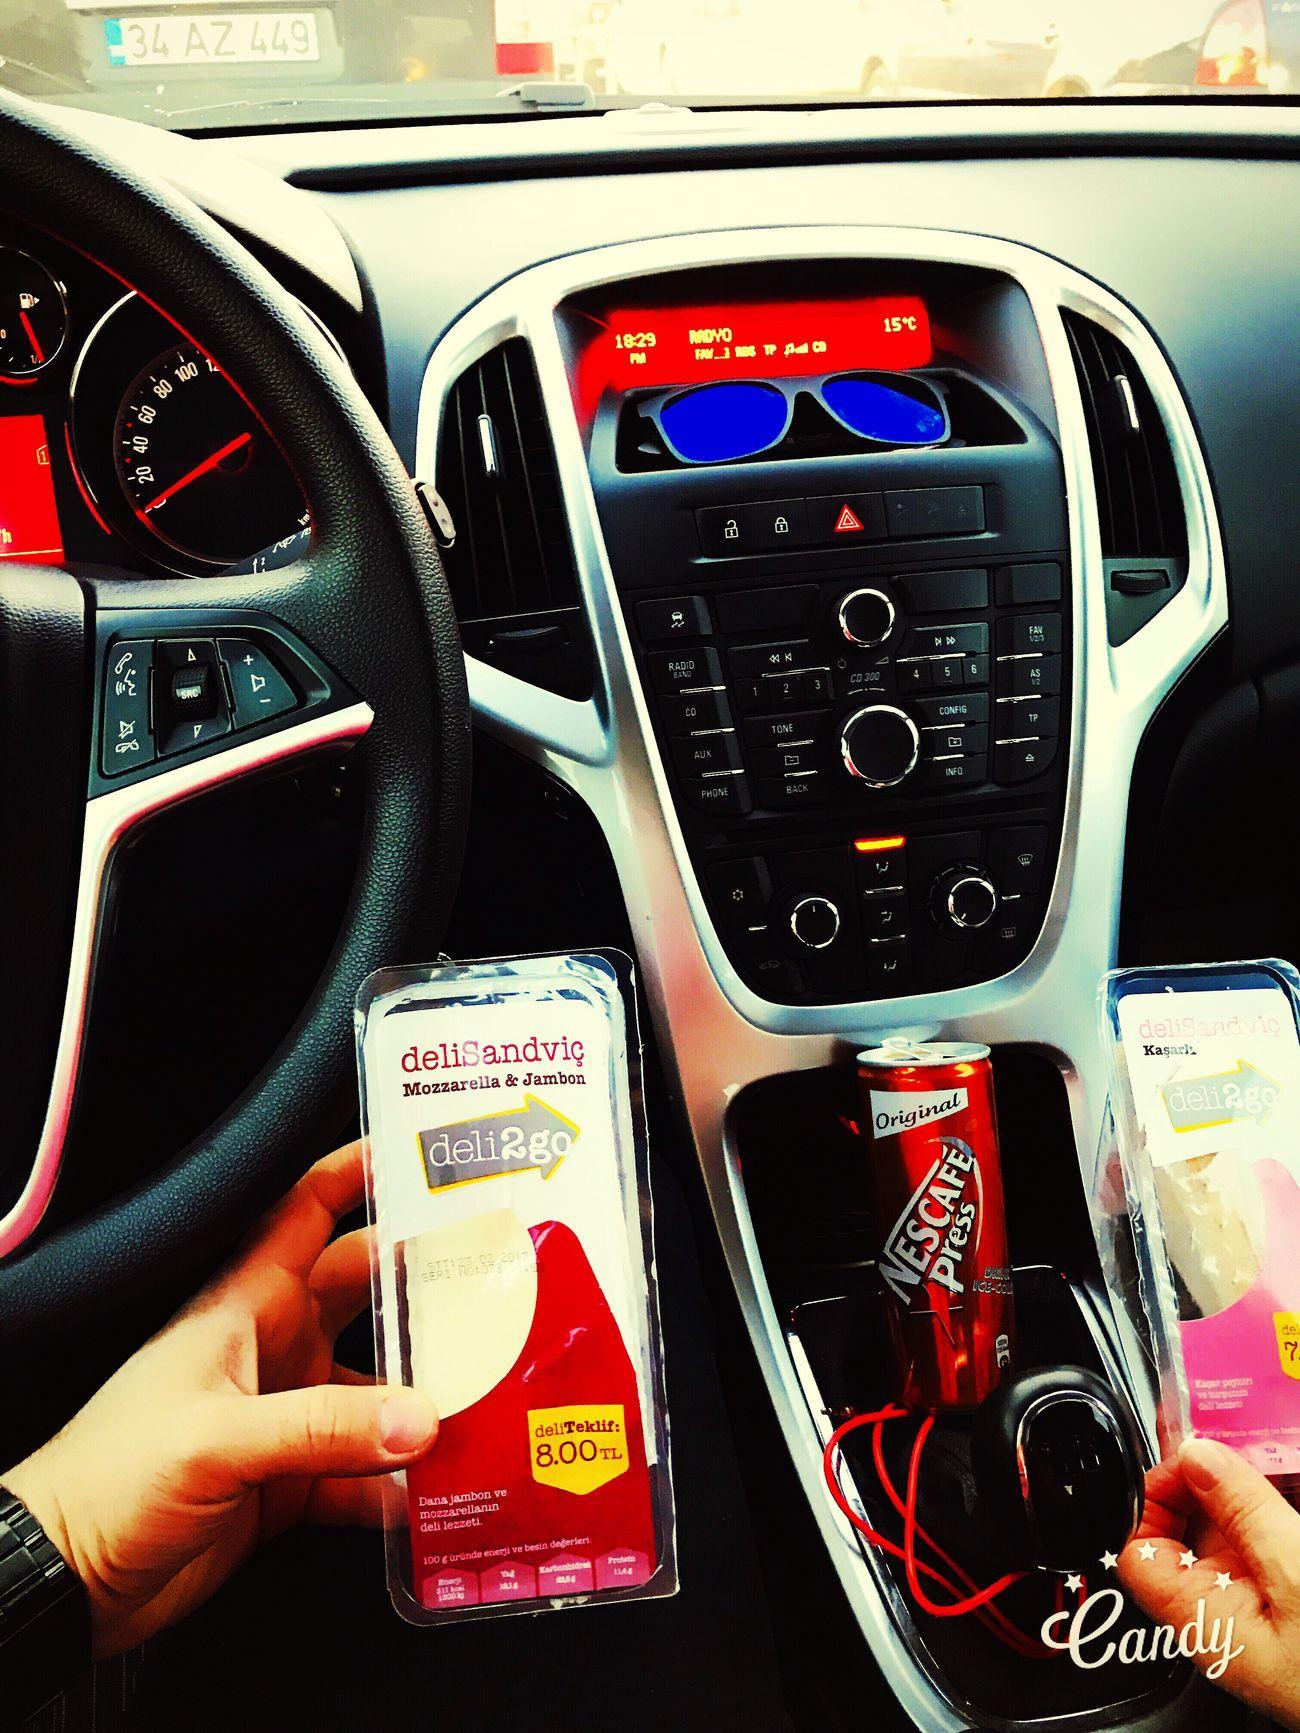 Boğaziçi Bogazicikoprusu Car Car Interior Human Hand Holding Red Dashboard Human Body Part Technology Transportation Vehicle Interior Mode Of Transport Steering Wheel Land Vehicle Gauge Close-up Astraj Baysakal Kızıltüy OPC GTC Brembo  Opel Odakdynamics Annemle trafikte sağlıklı atıştırmalık..👌🏼💪🏼😎